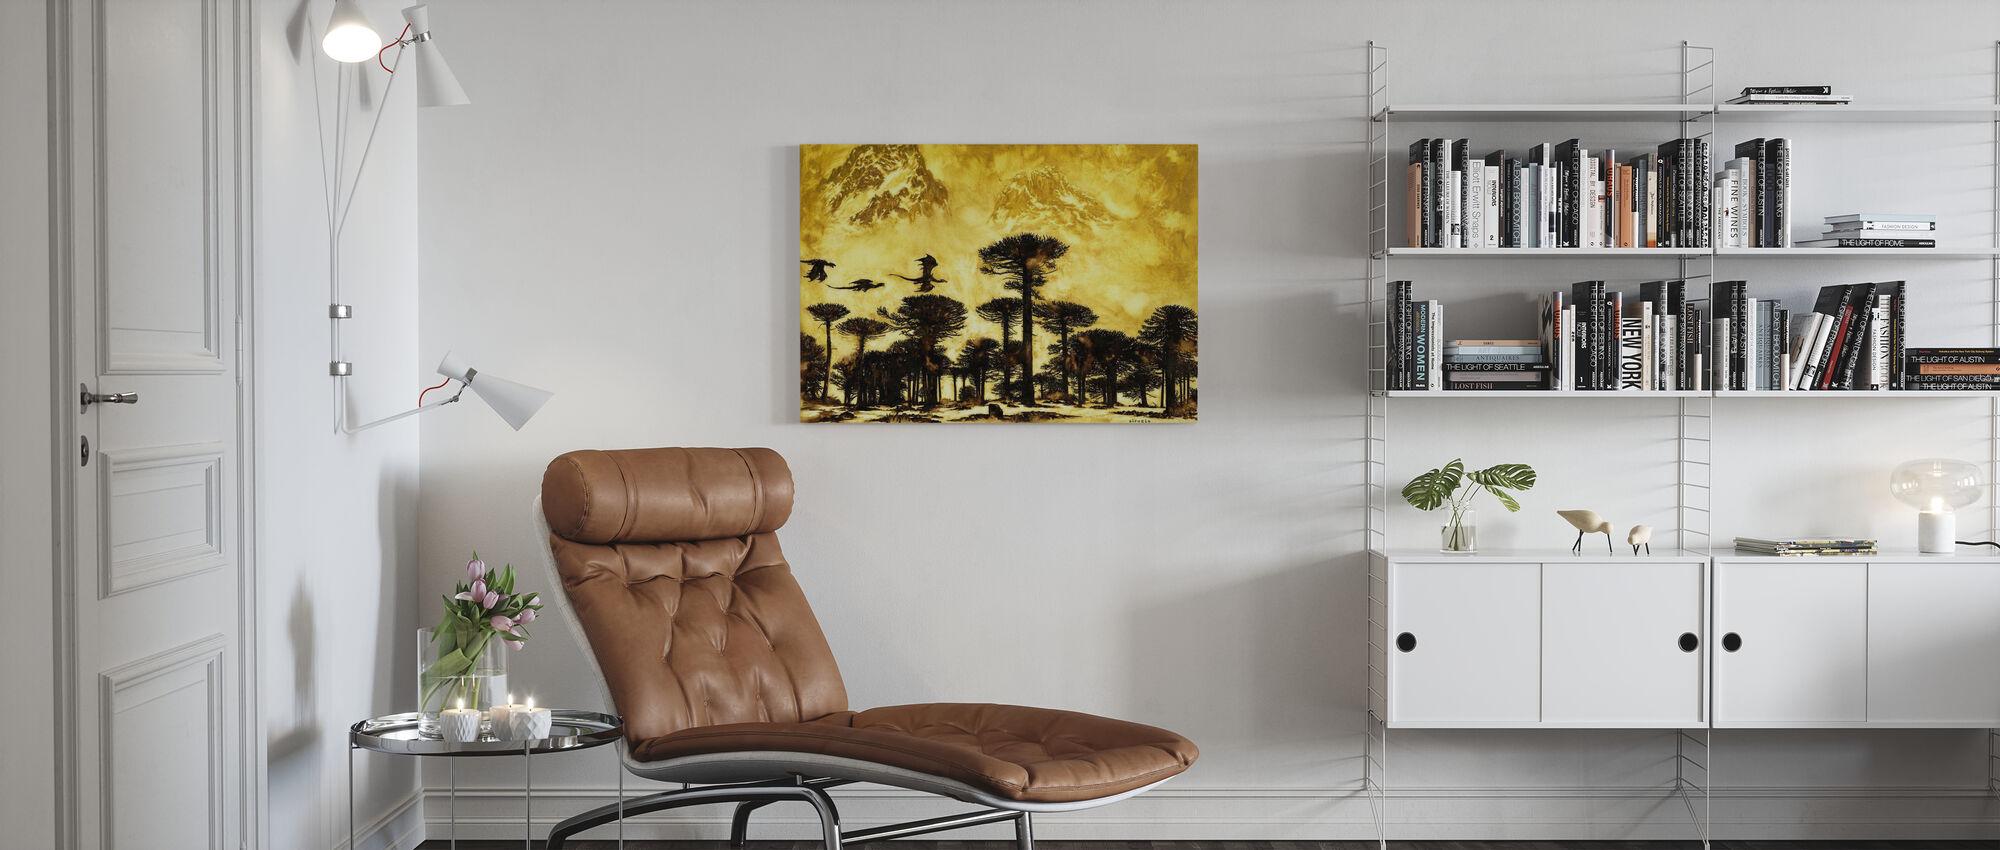 Persec - Canvas print - Living Room